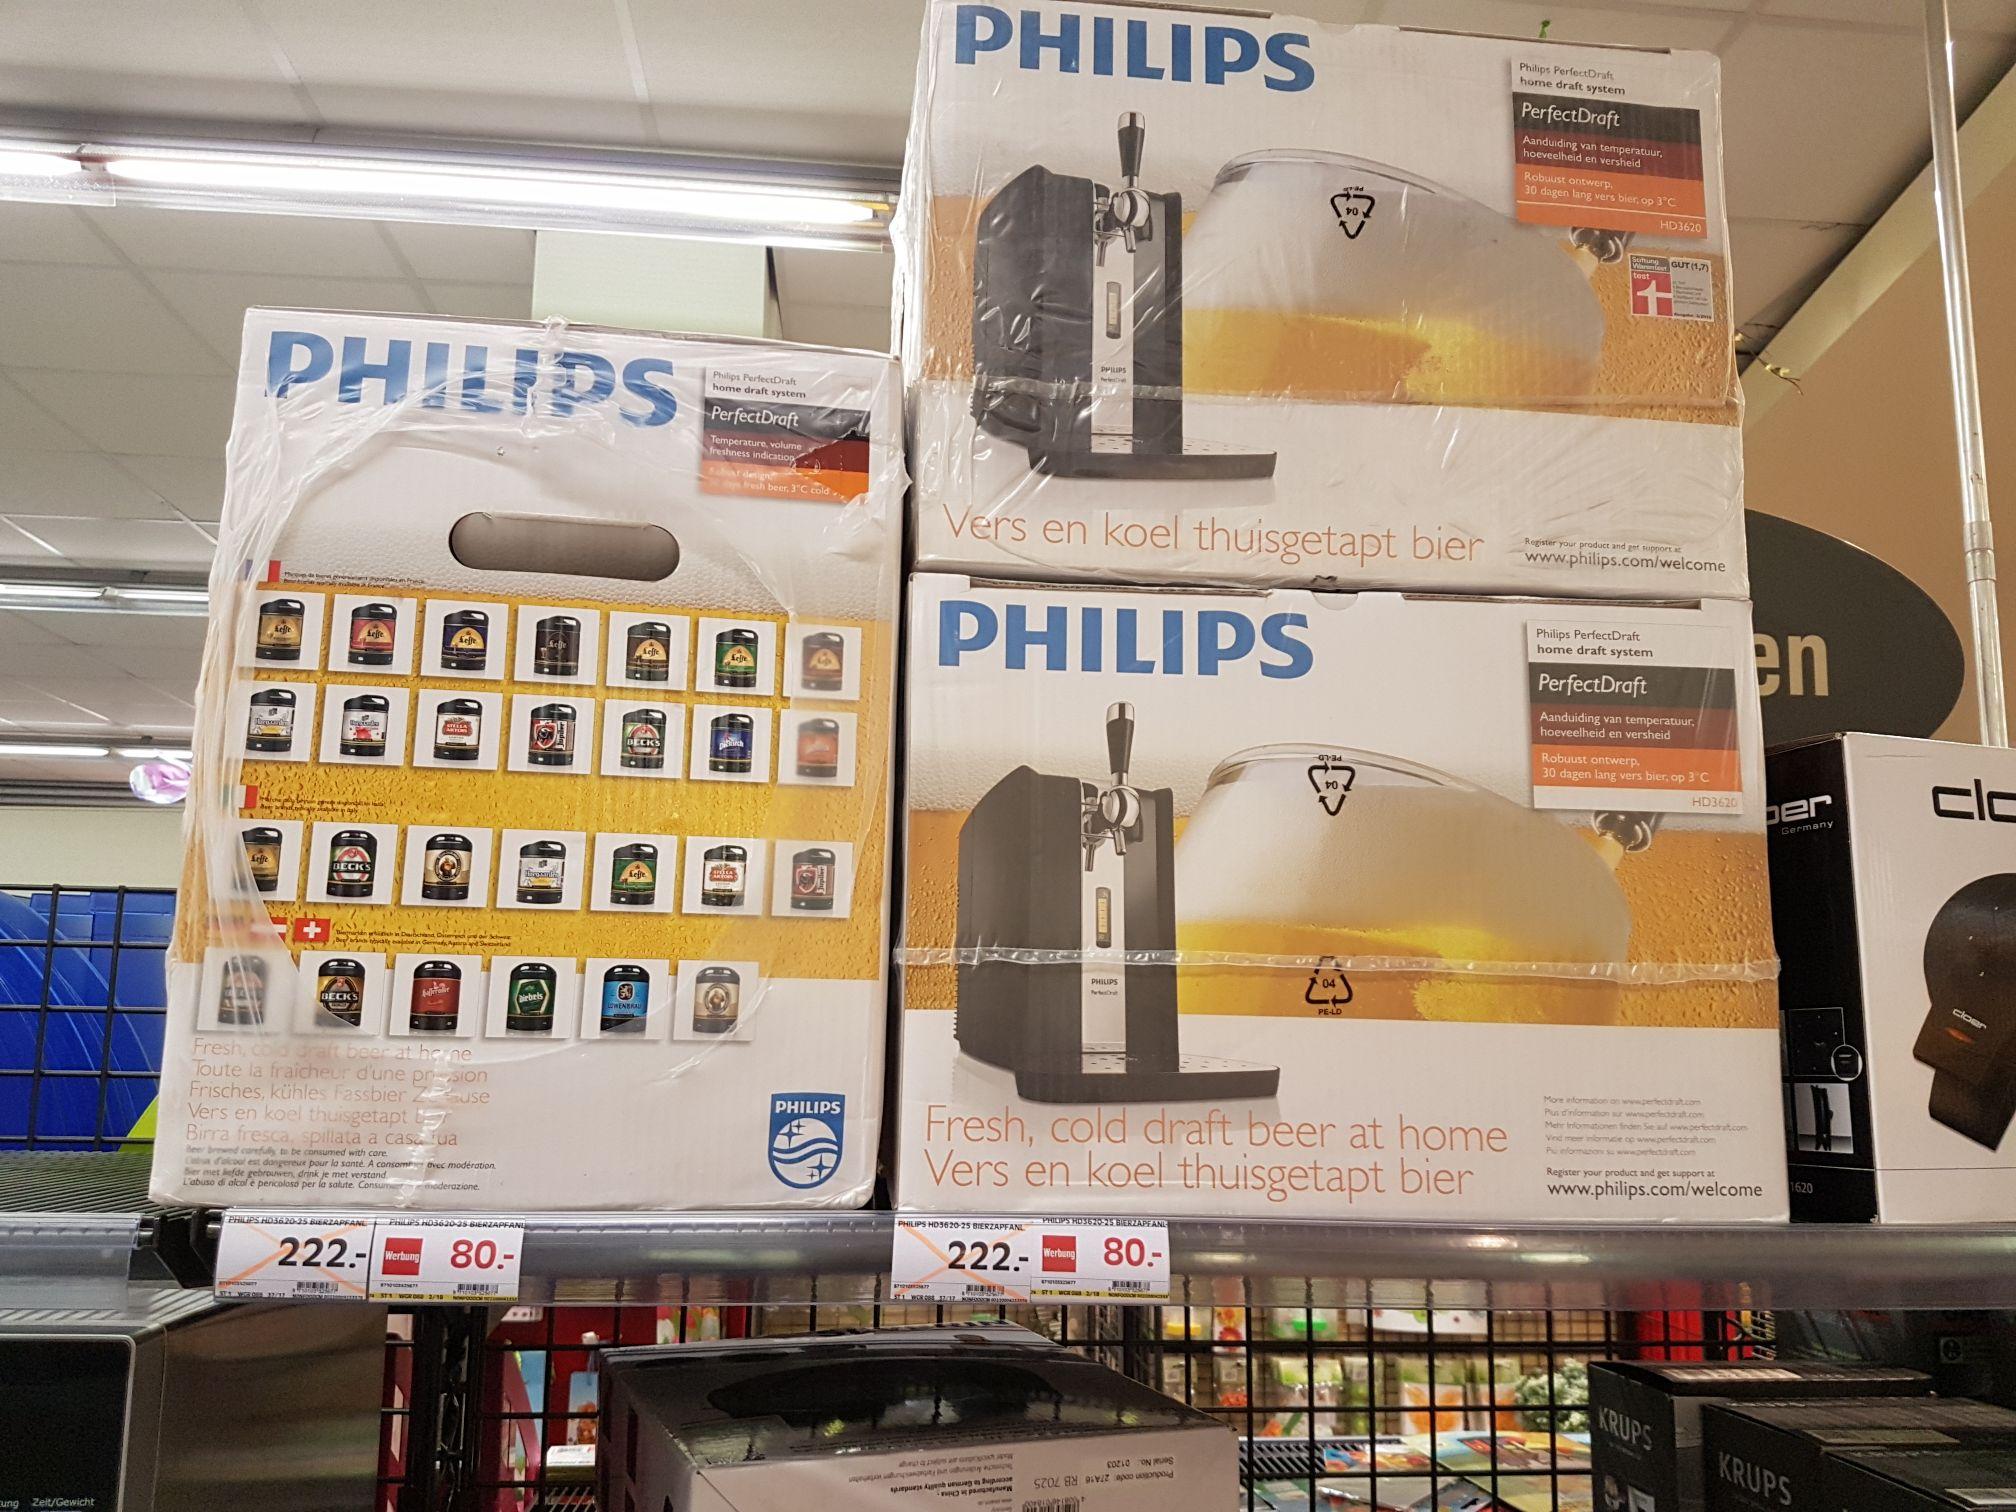 LOKAL München Marktkauf Feringapark Unterföhring Bierzapfanlage Philips HD3620-25